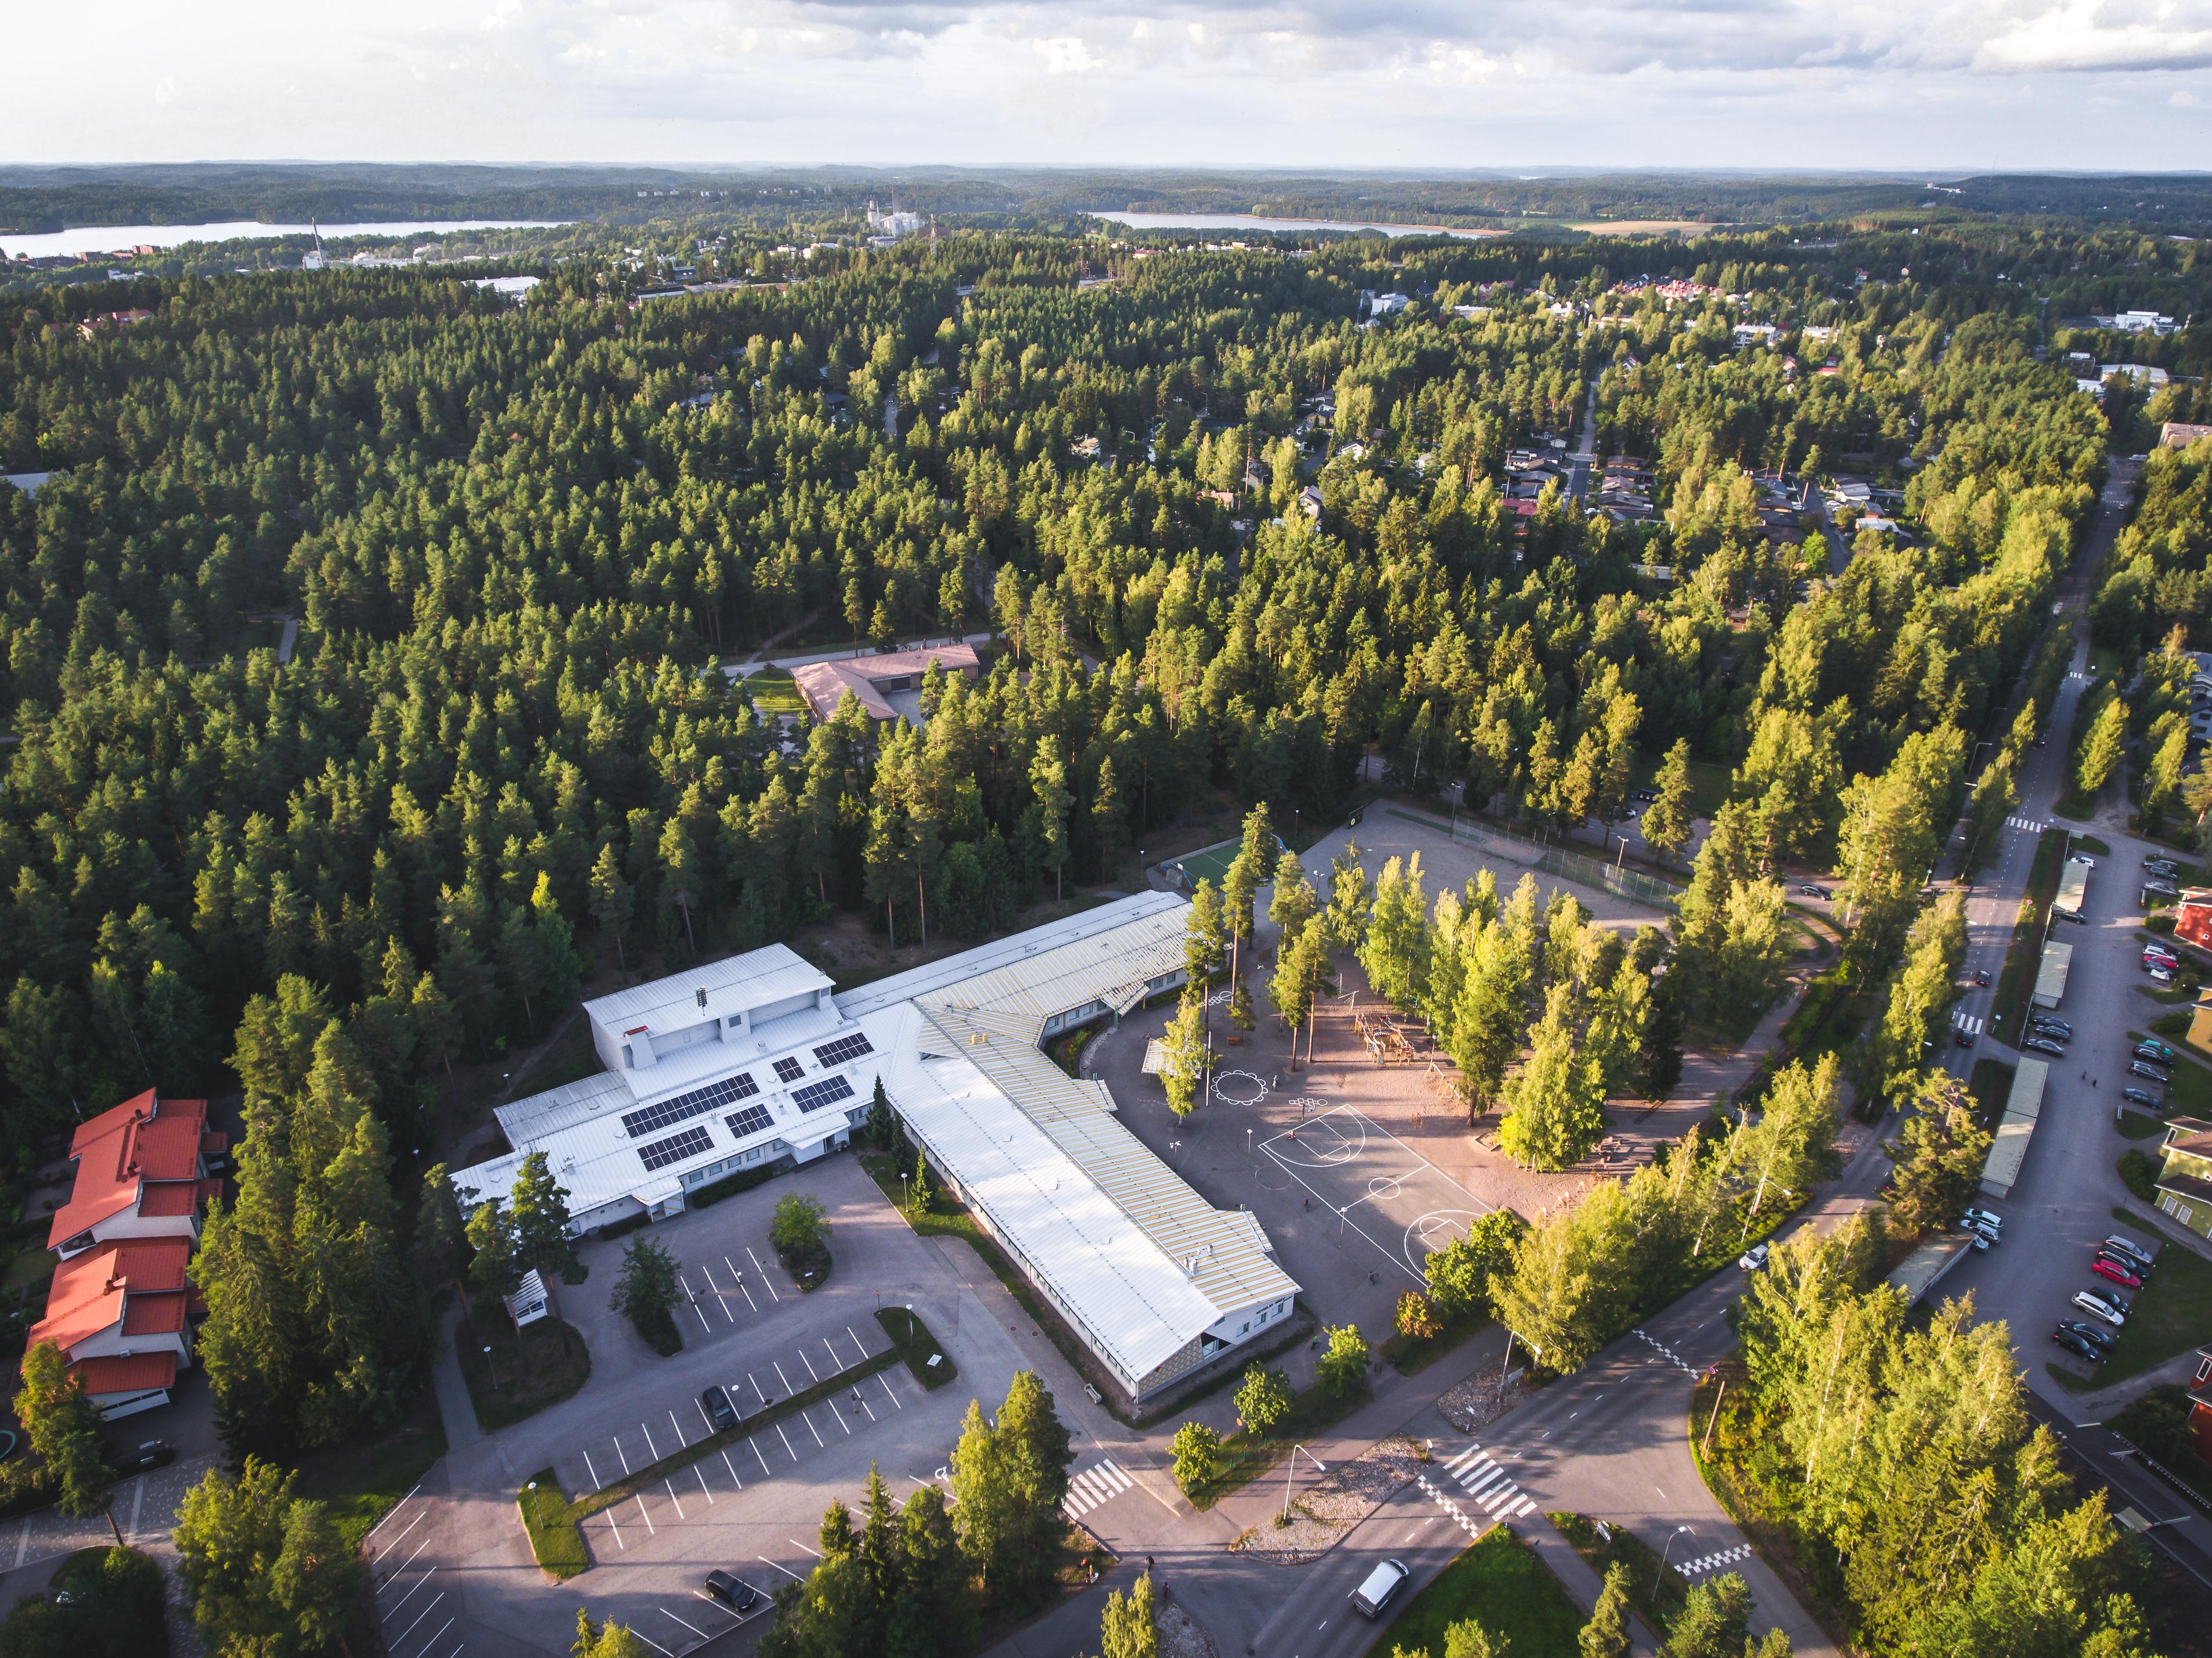 Ilmakuva Metsolan koulun katolle asennetuista aurinkopaneeleista.